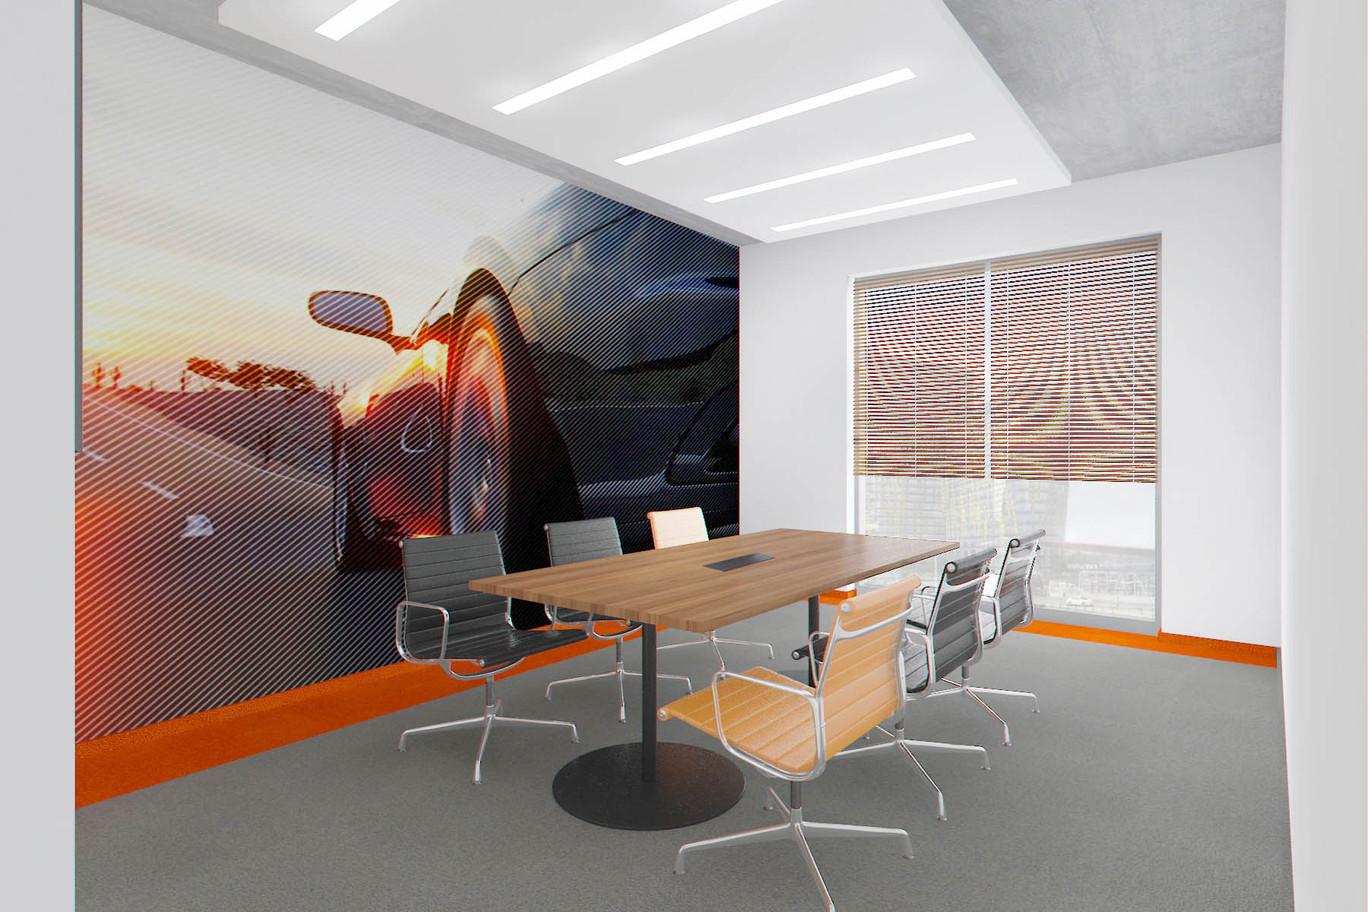 kontordesign-konferanserom-oransje (1).j